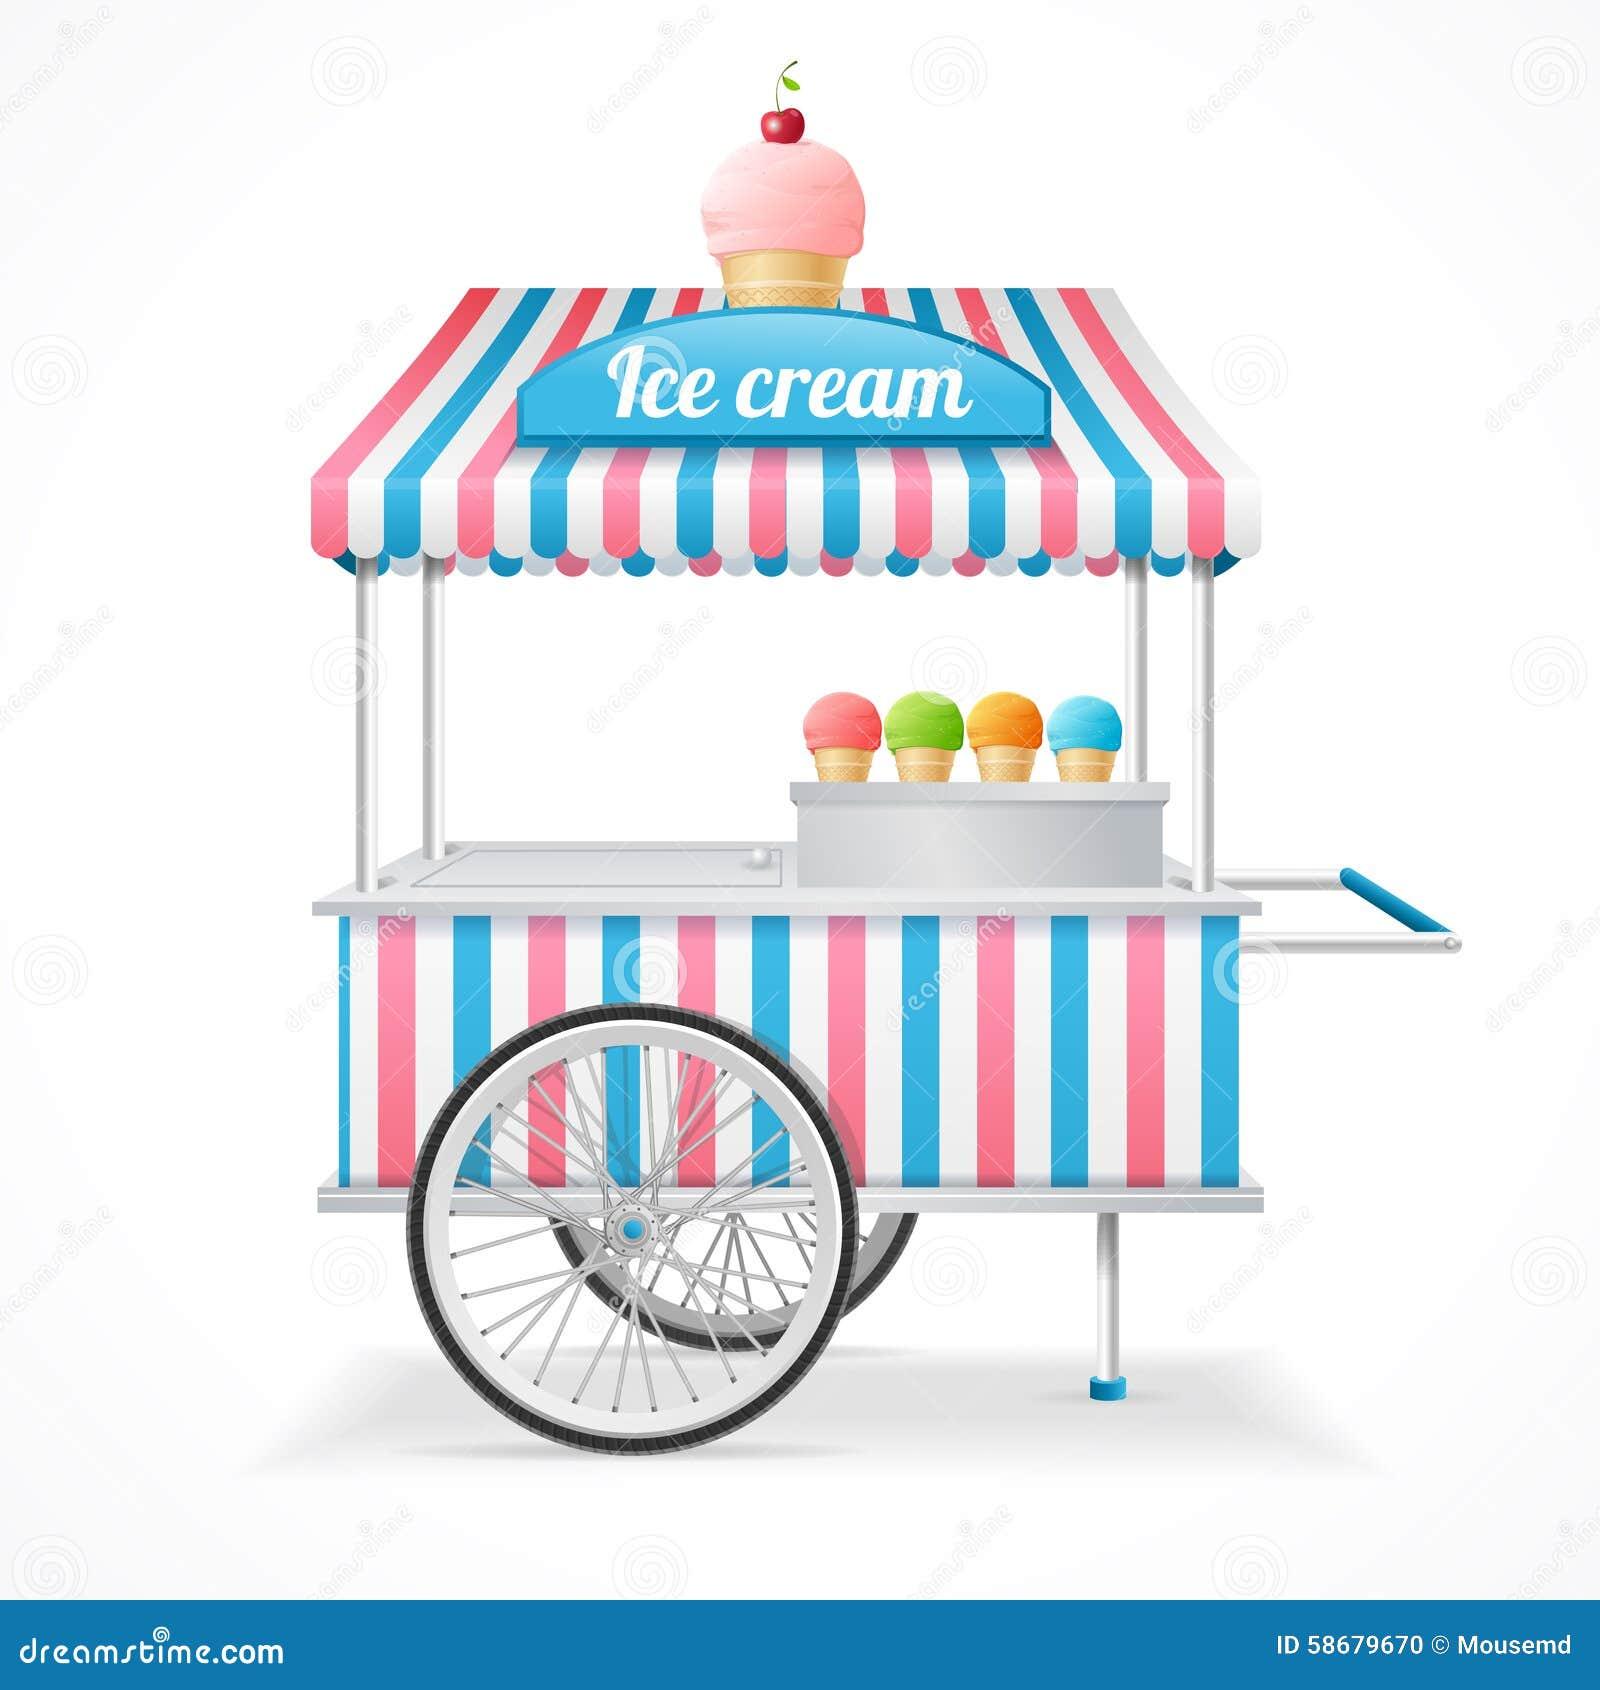 vintage ice cream clipart - photo #27